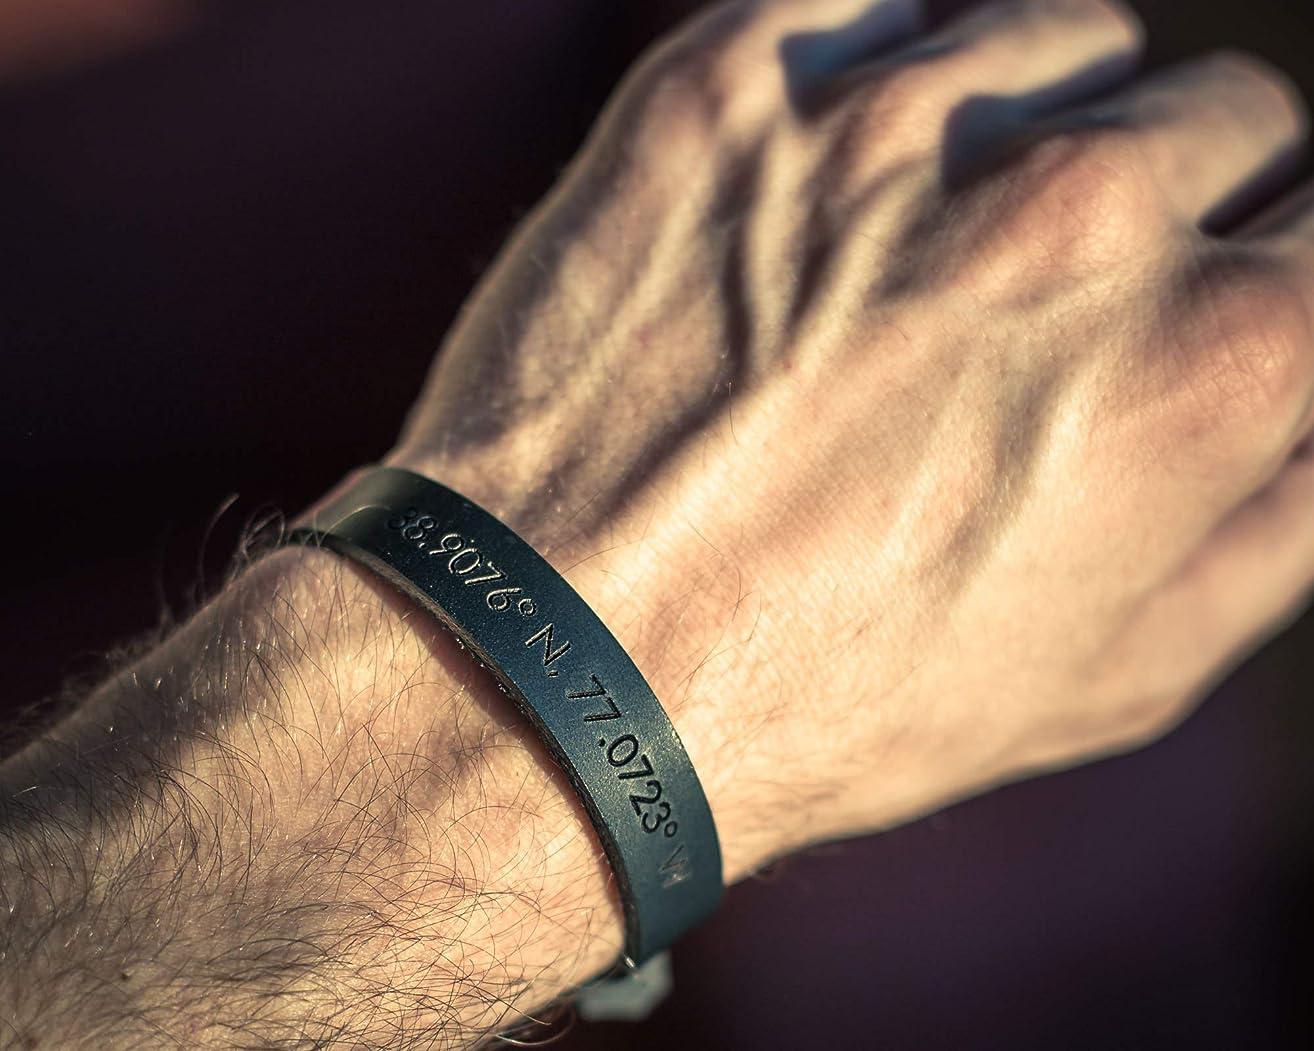 Custom engraved black leather bracelet for men, personalized coordinates bracelet for him